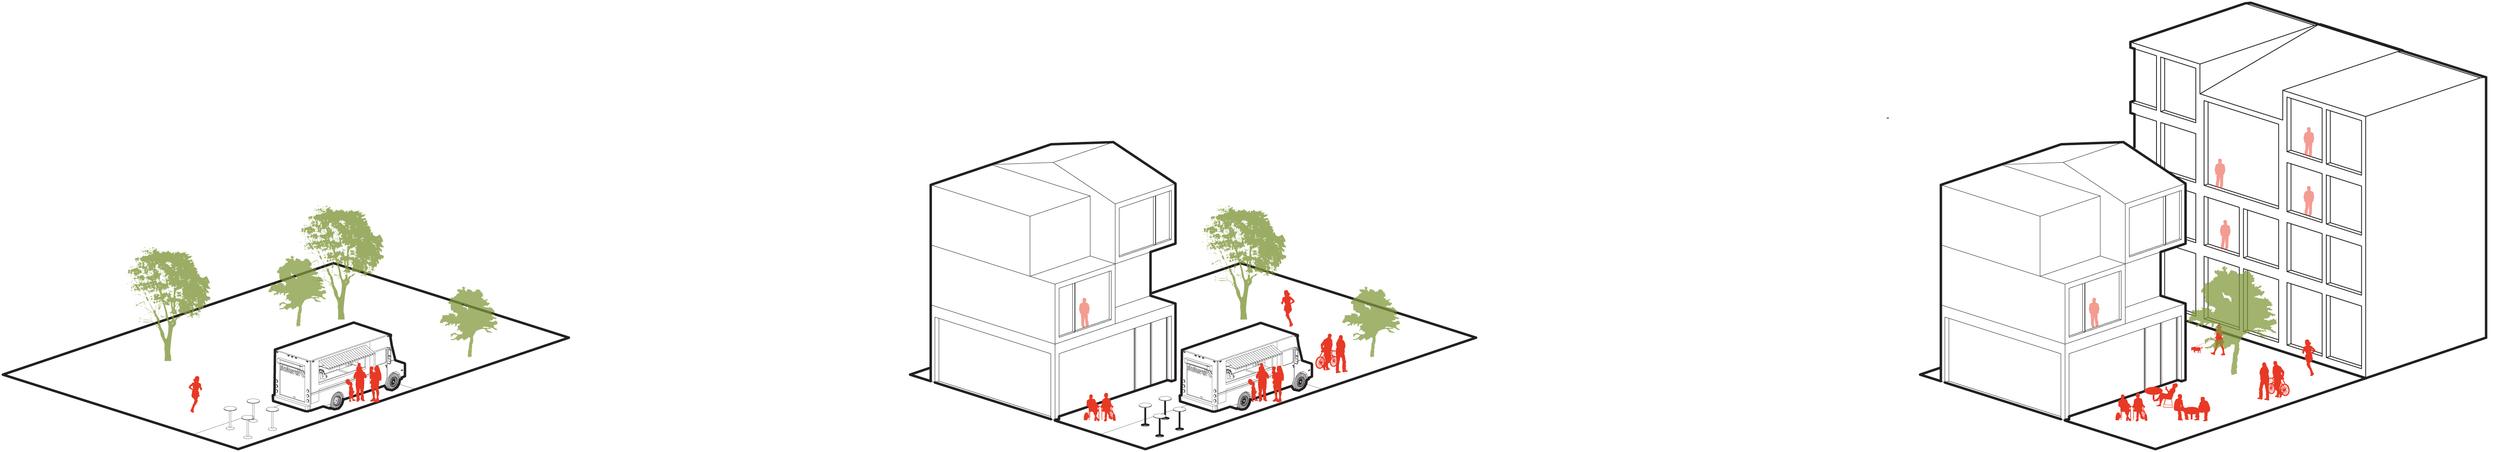 food truck diagrams.jpg